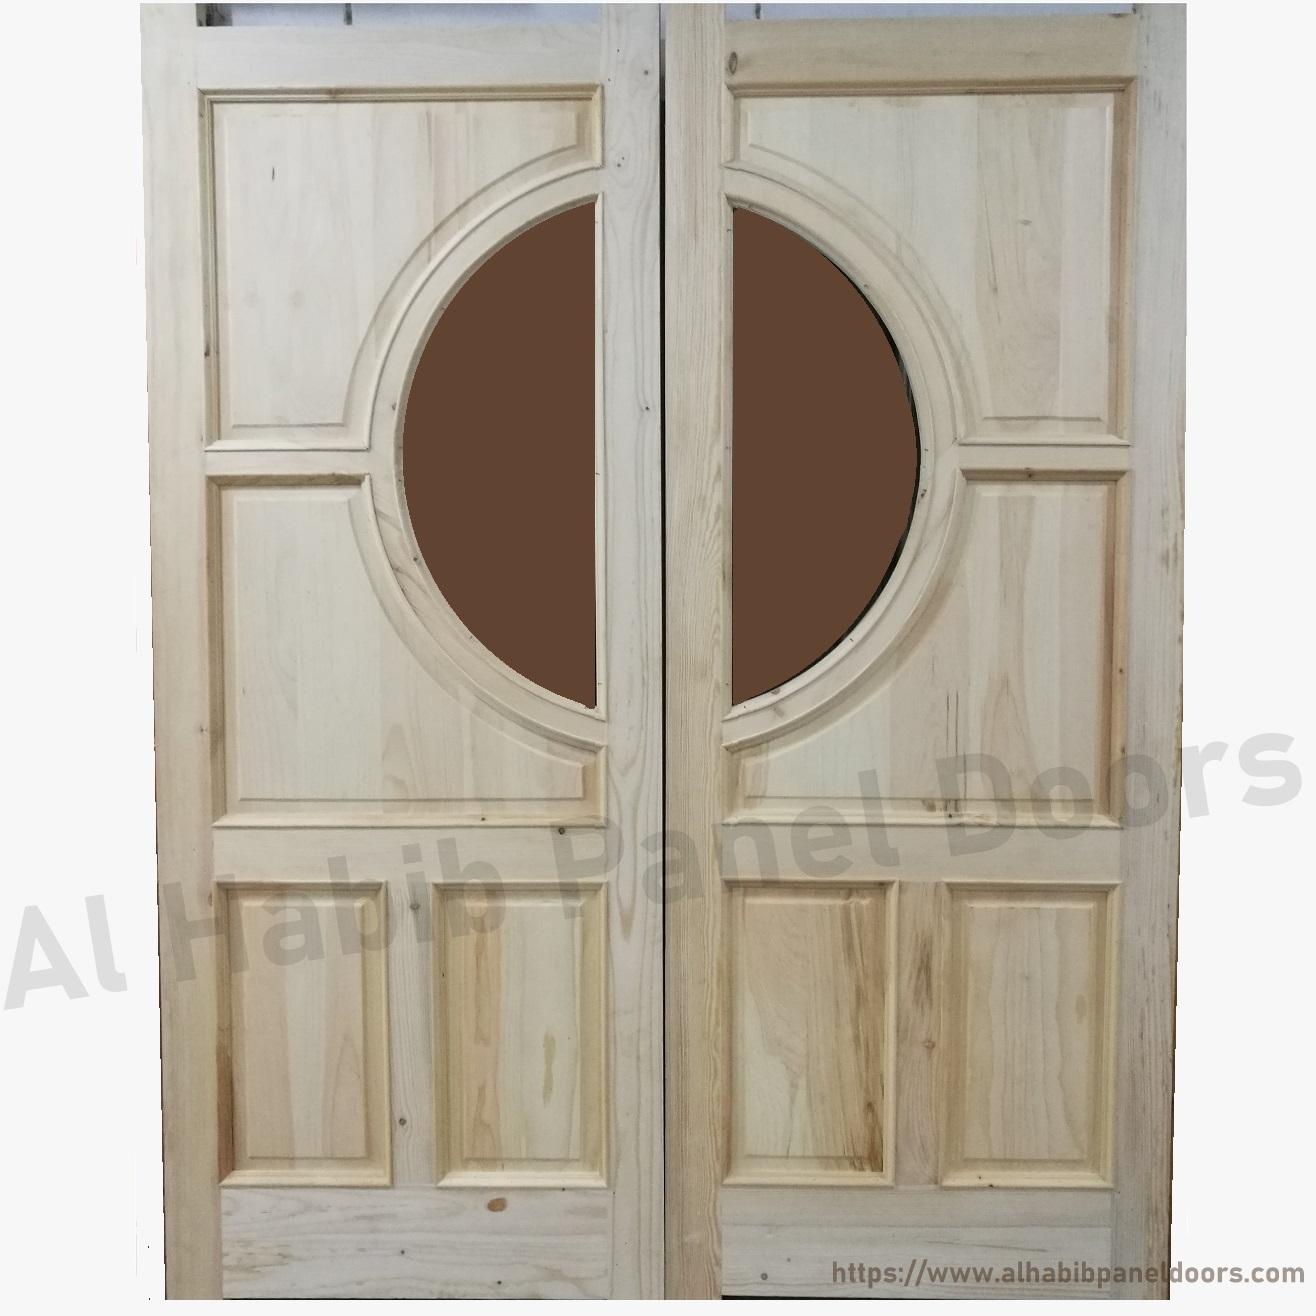 Glass Wooden Door With Frame Hpd480 Glass Panel Doors